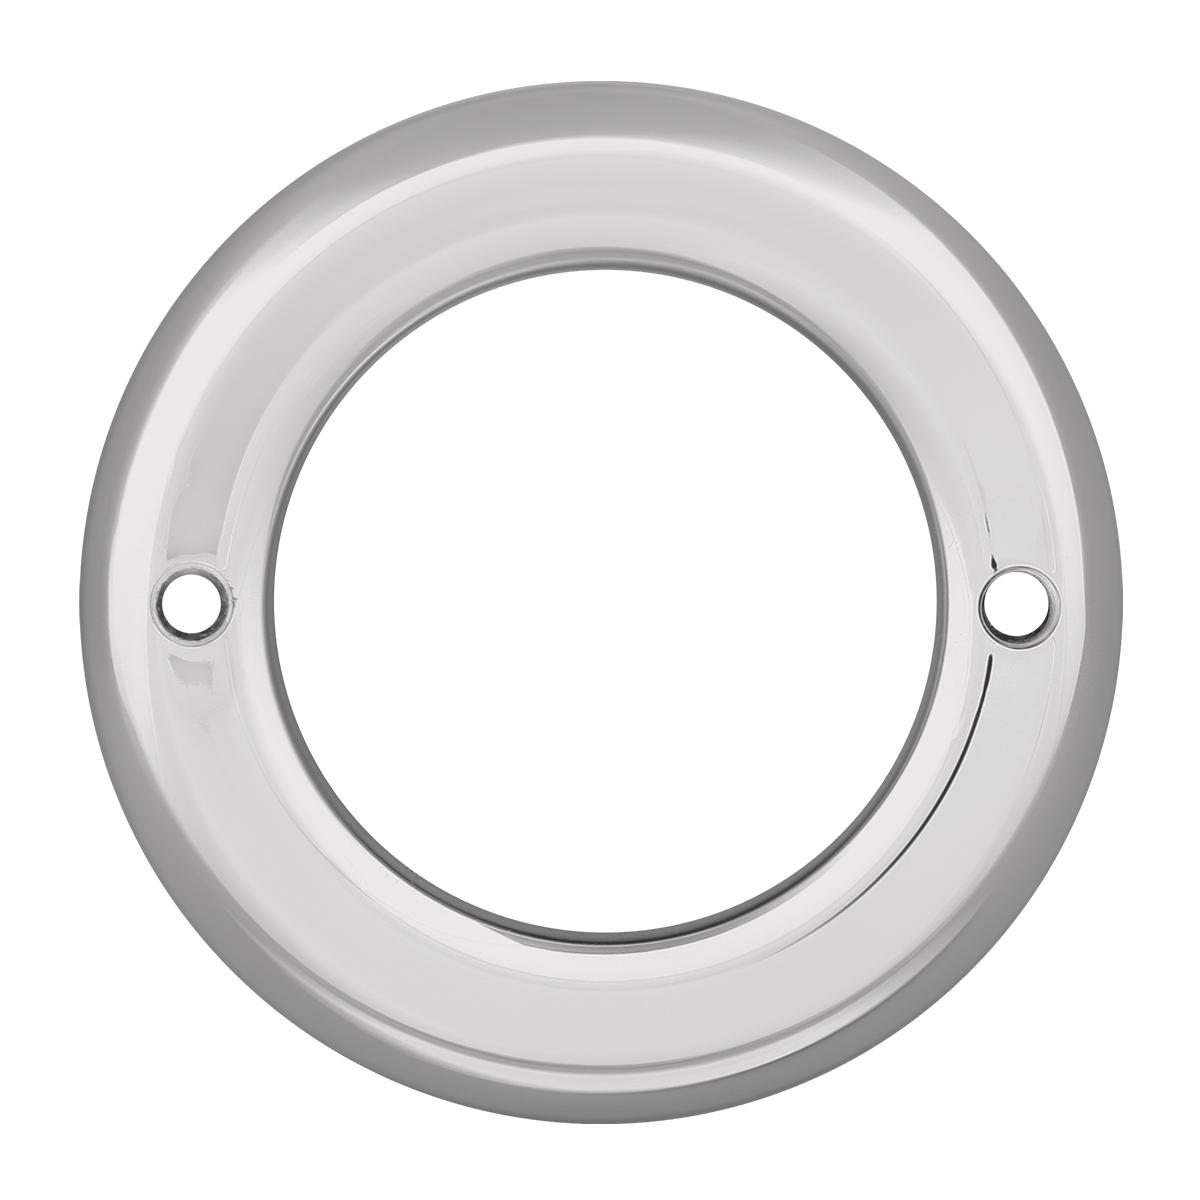 """80719 Grommet Cover w/o Visor for 2.5"""" Round Light"""